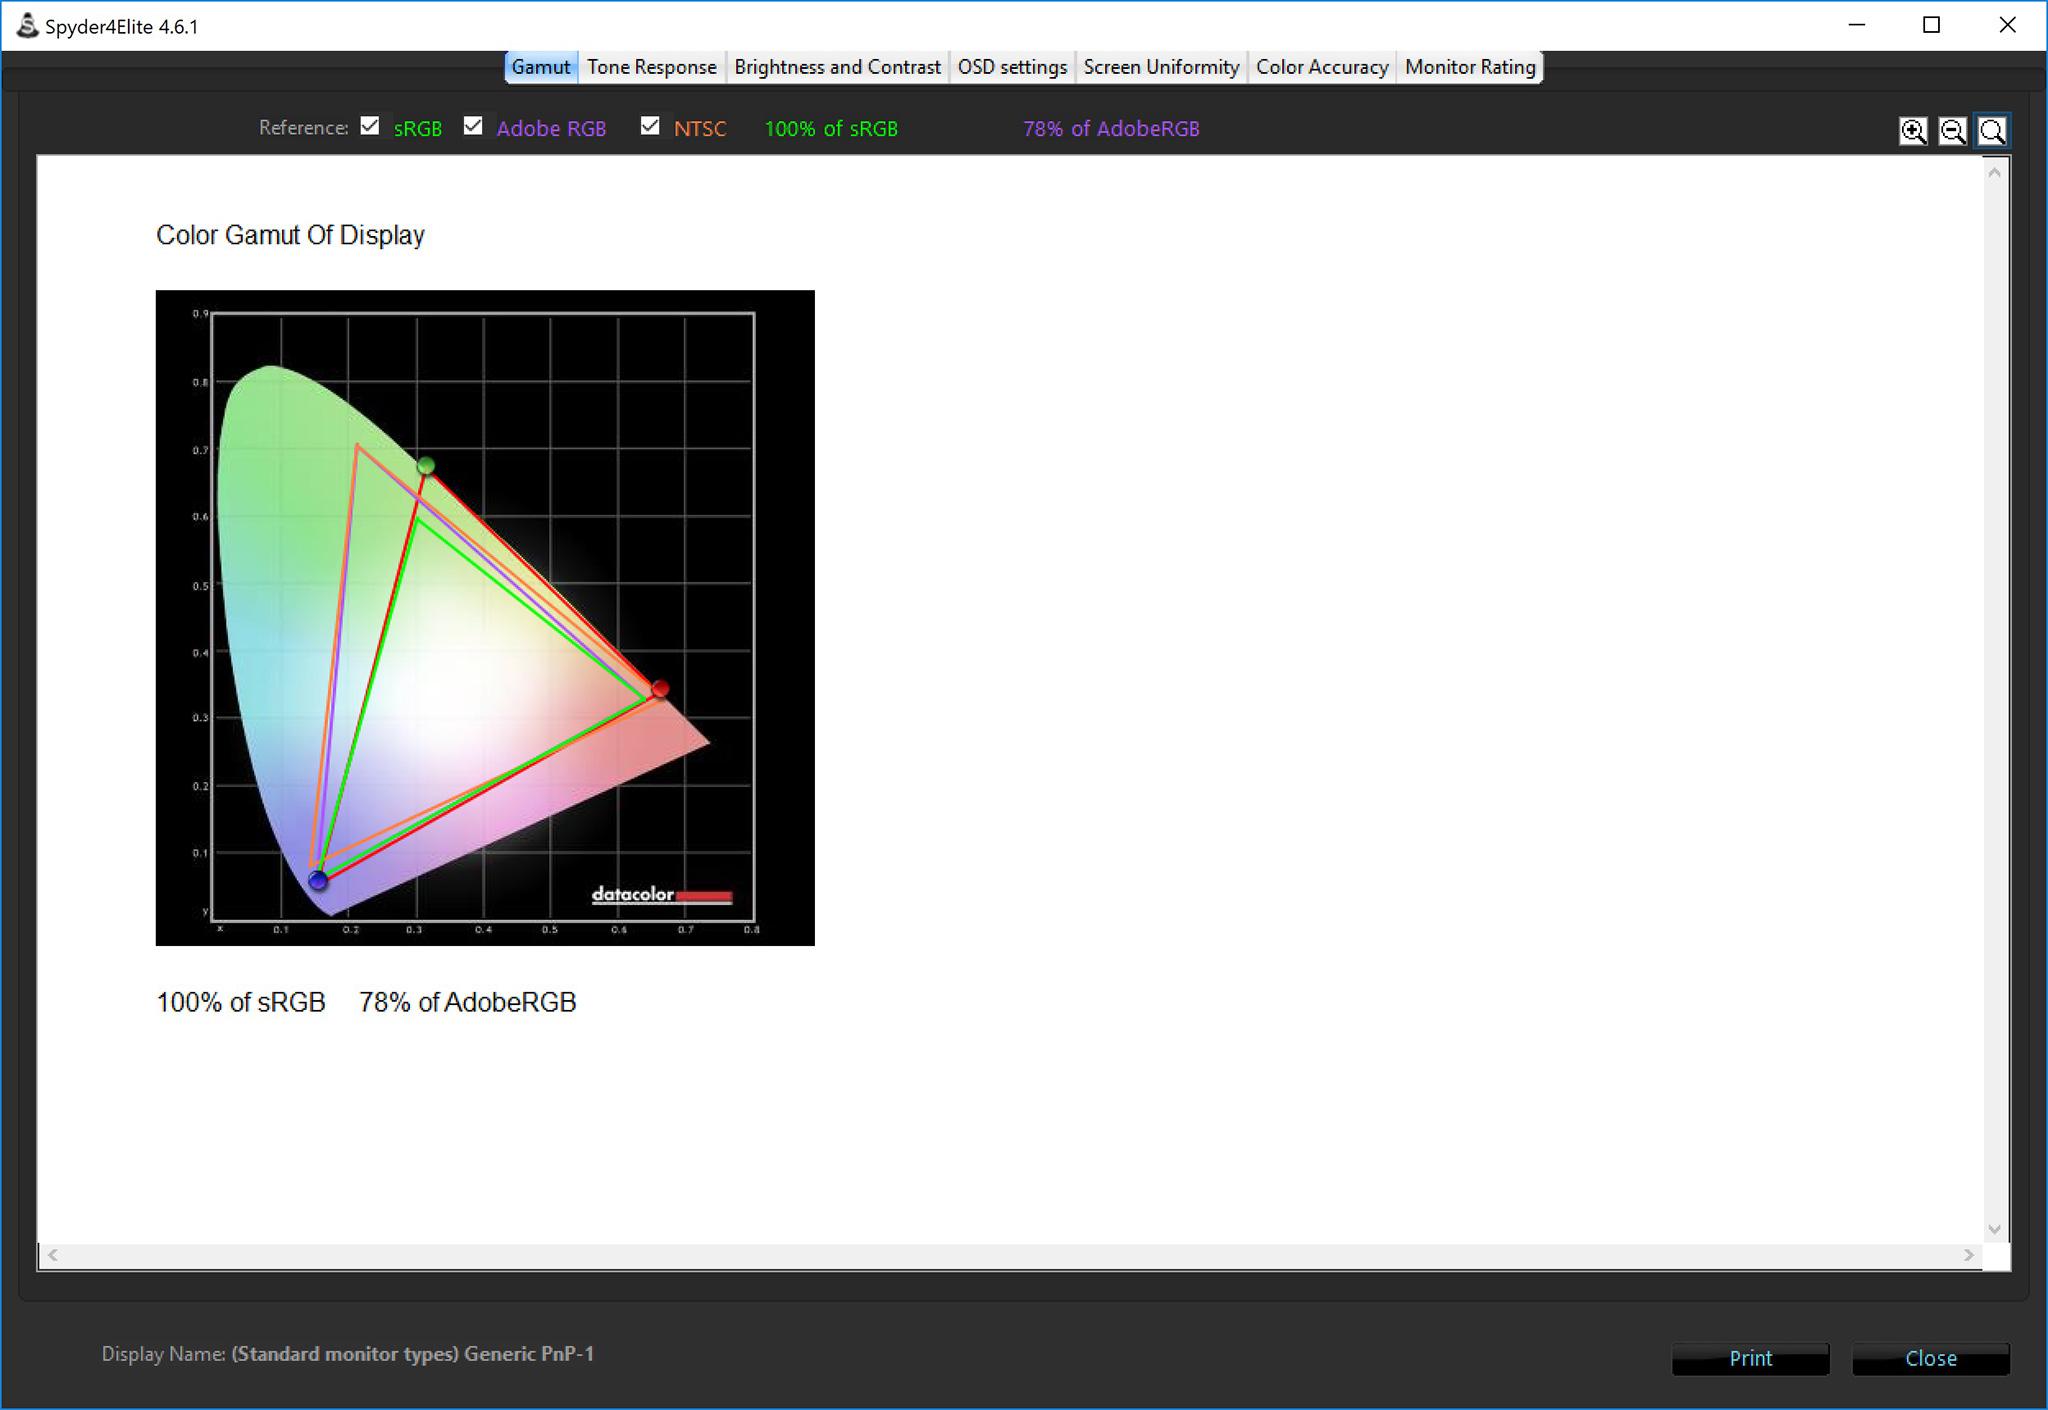 Spyder-result-1.jpg